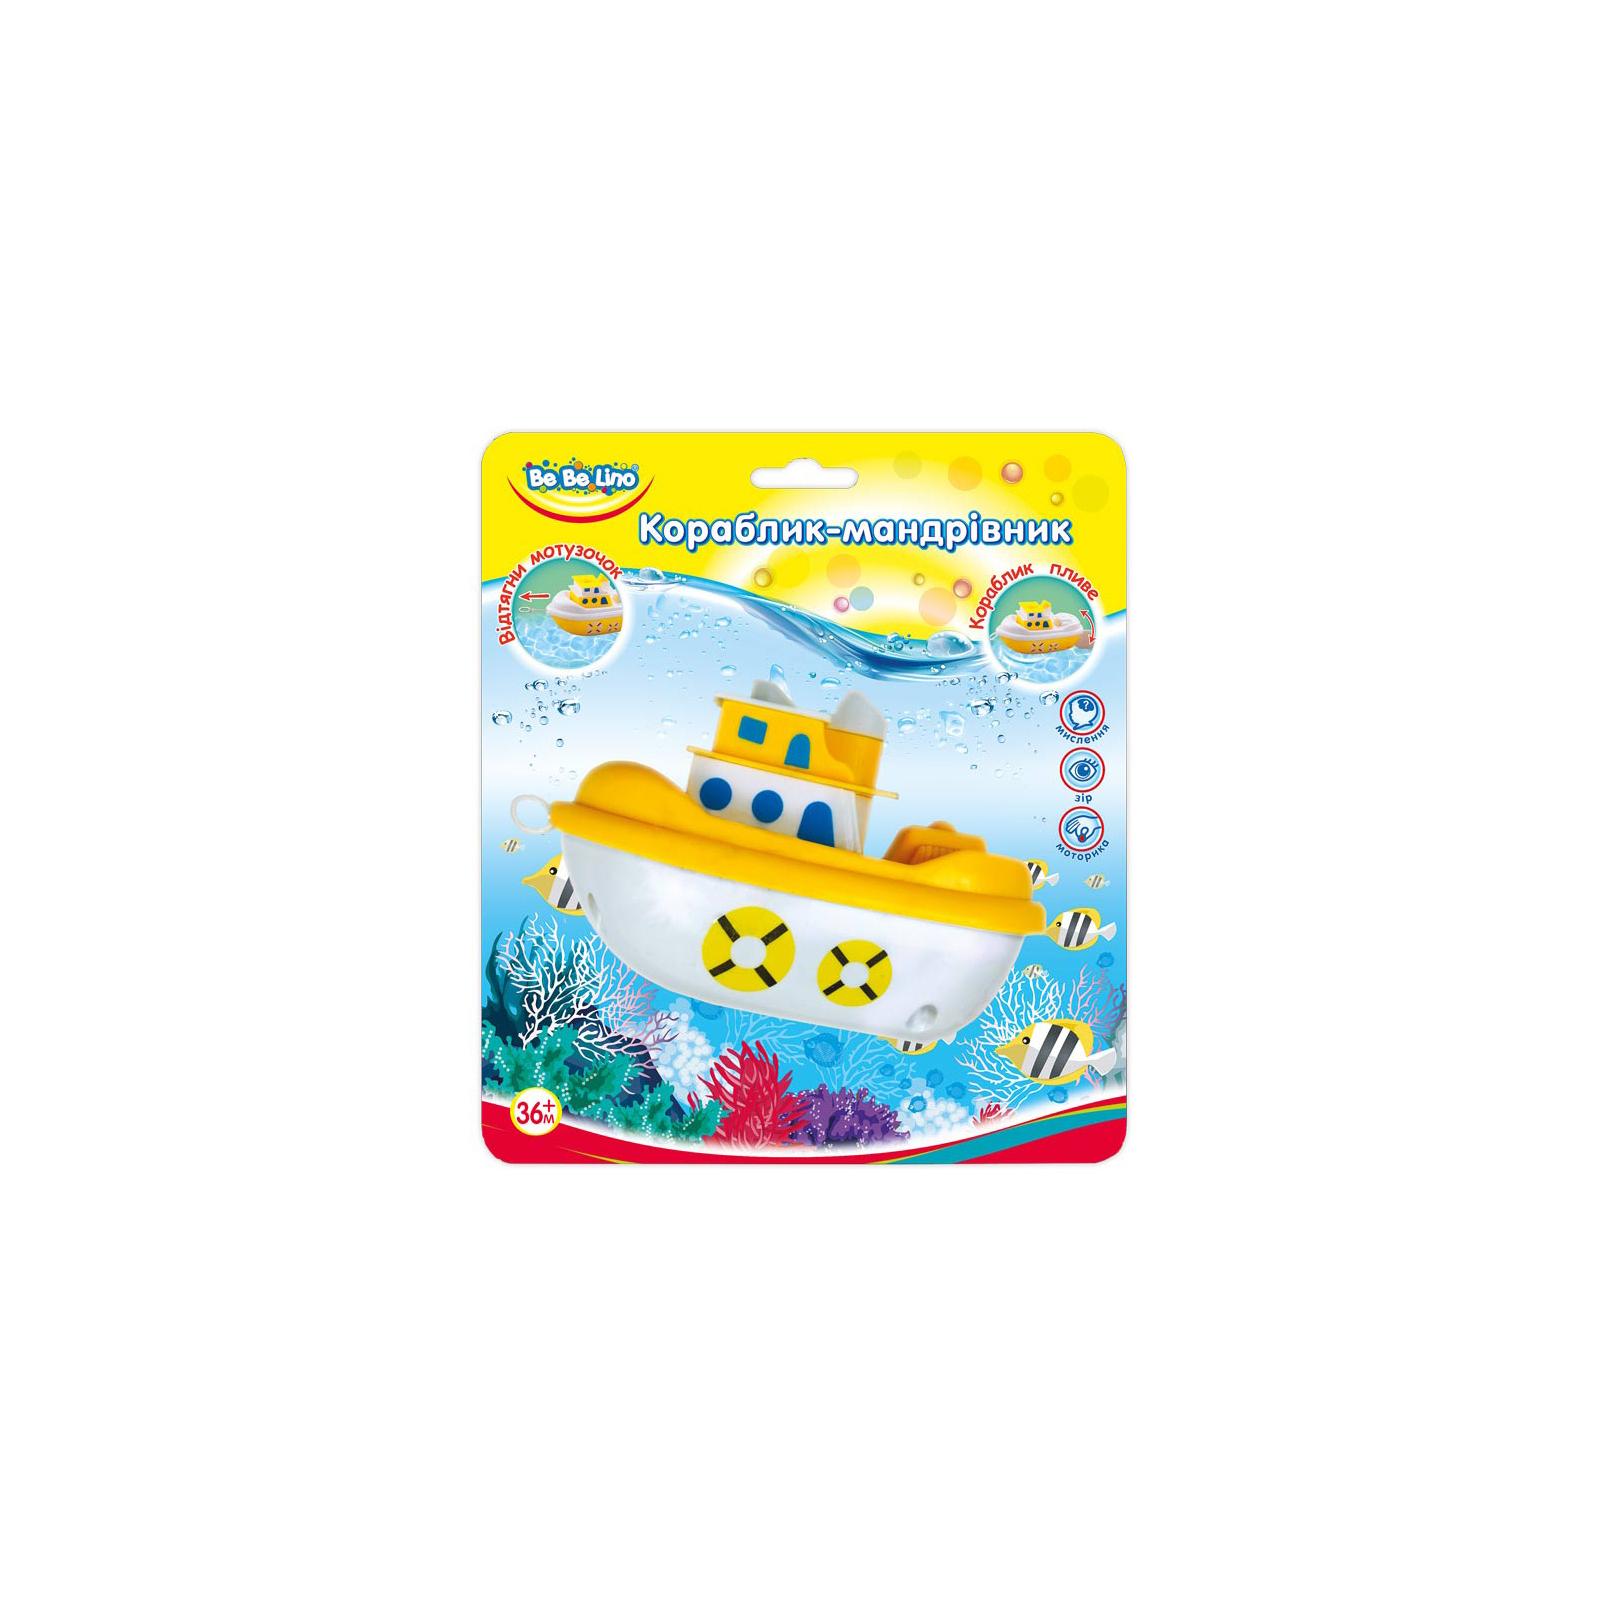 Игрушка для ванной BeBeLino Кораблик-путешественник желто-белый (57080-1)